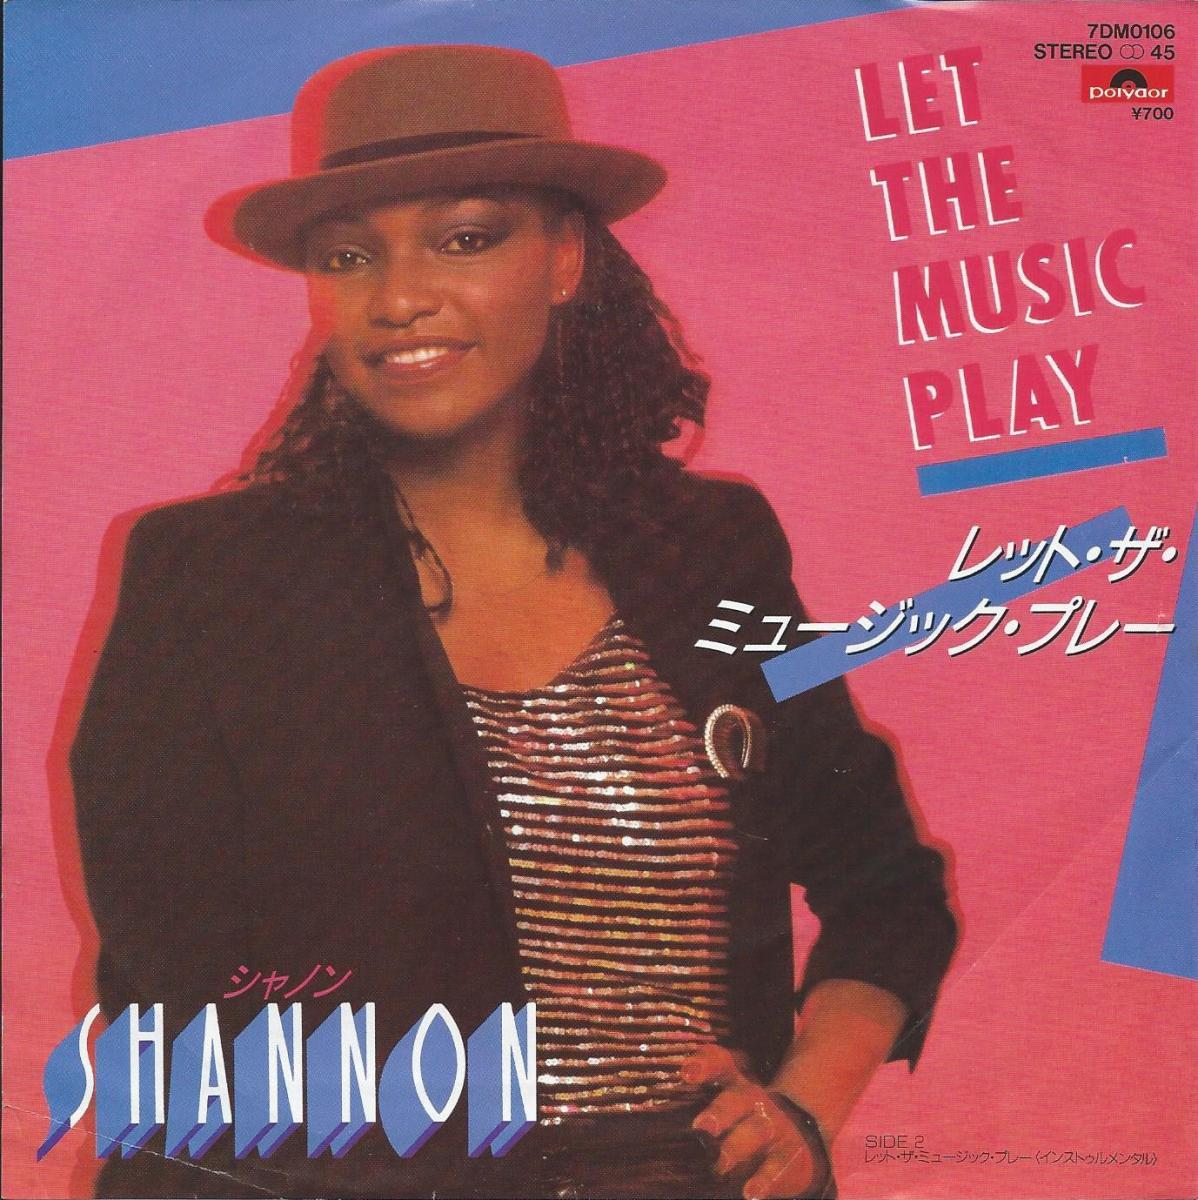 シャノン SHANNON / レット・ザ・ミュージック・プレー LET THE MUSIC PLAY (7